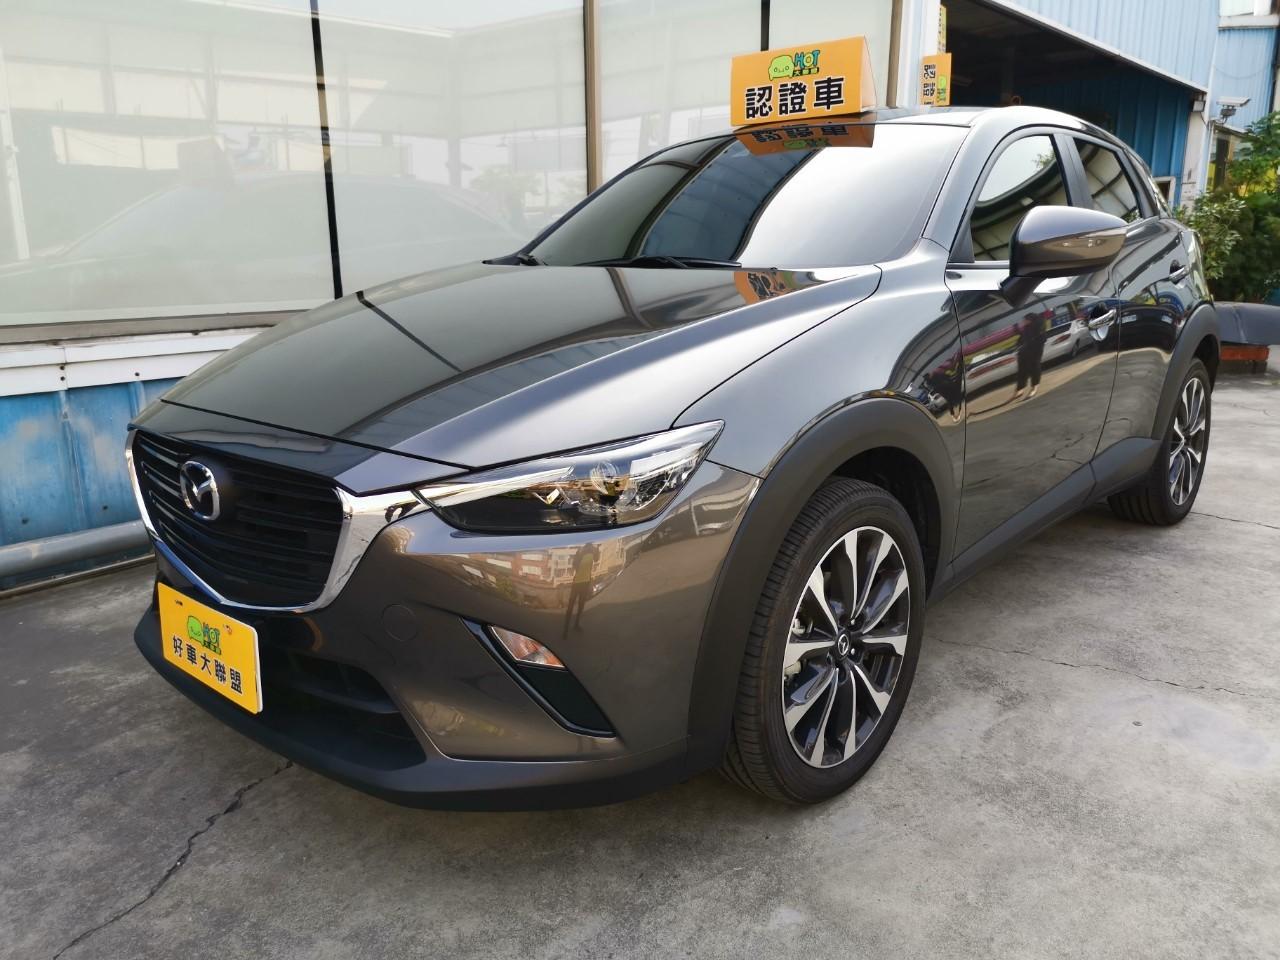 2018 Mazda 馬自達 Cx-3